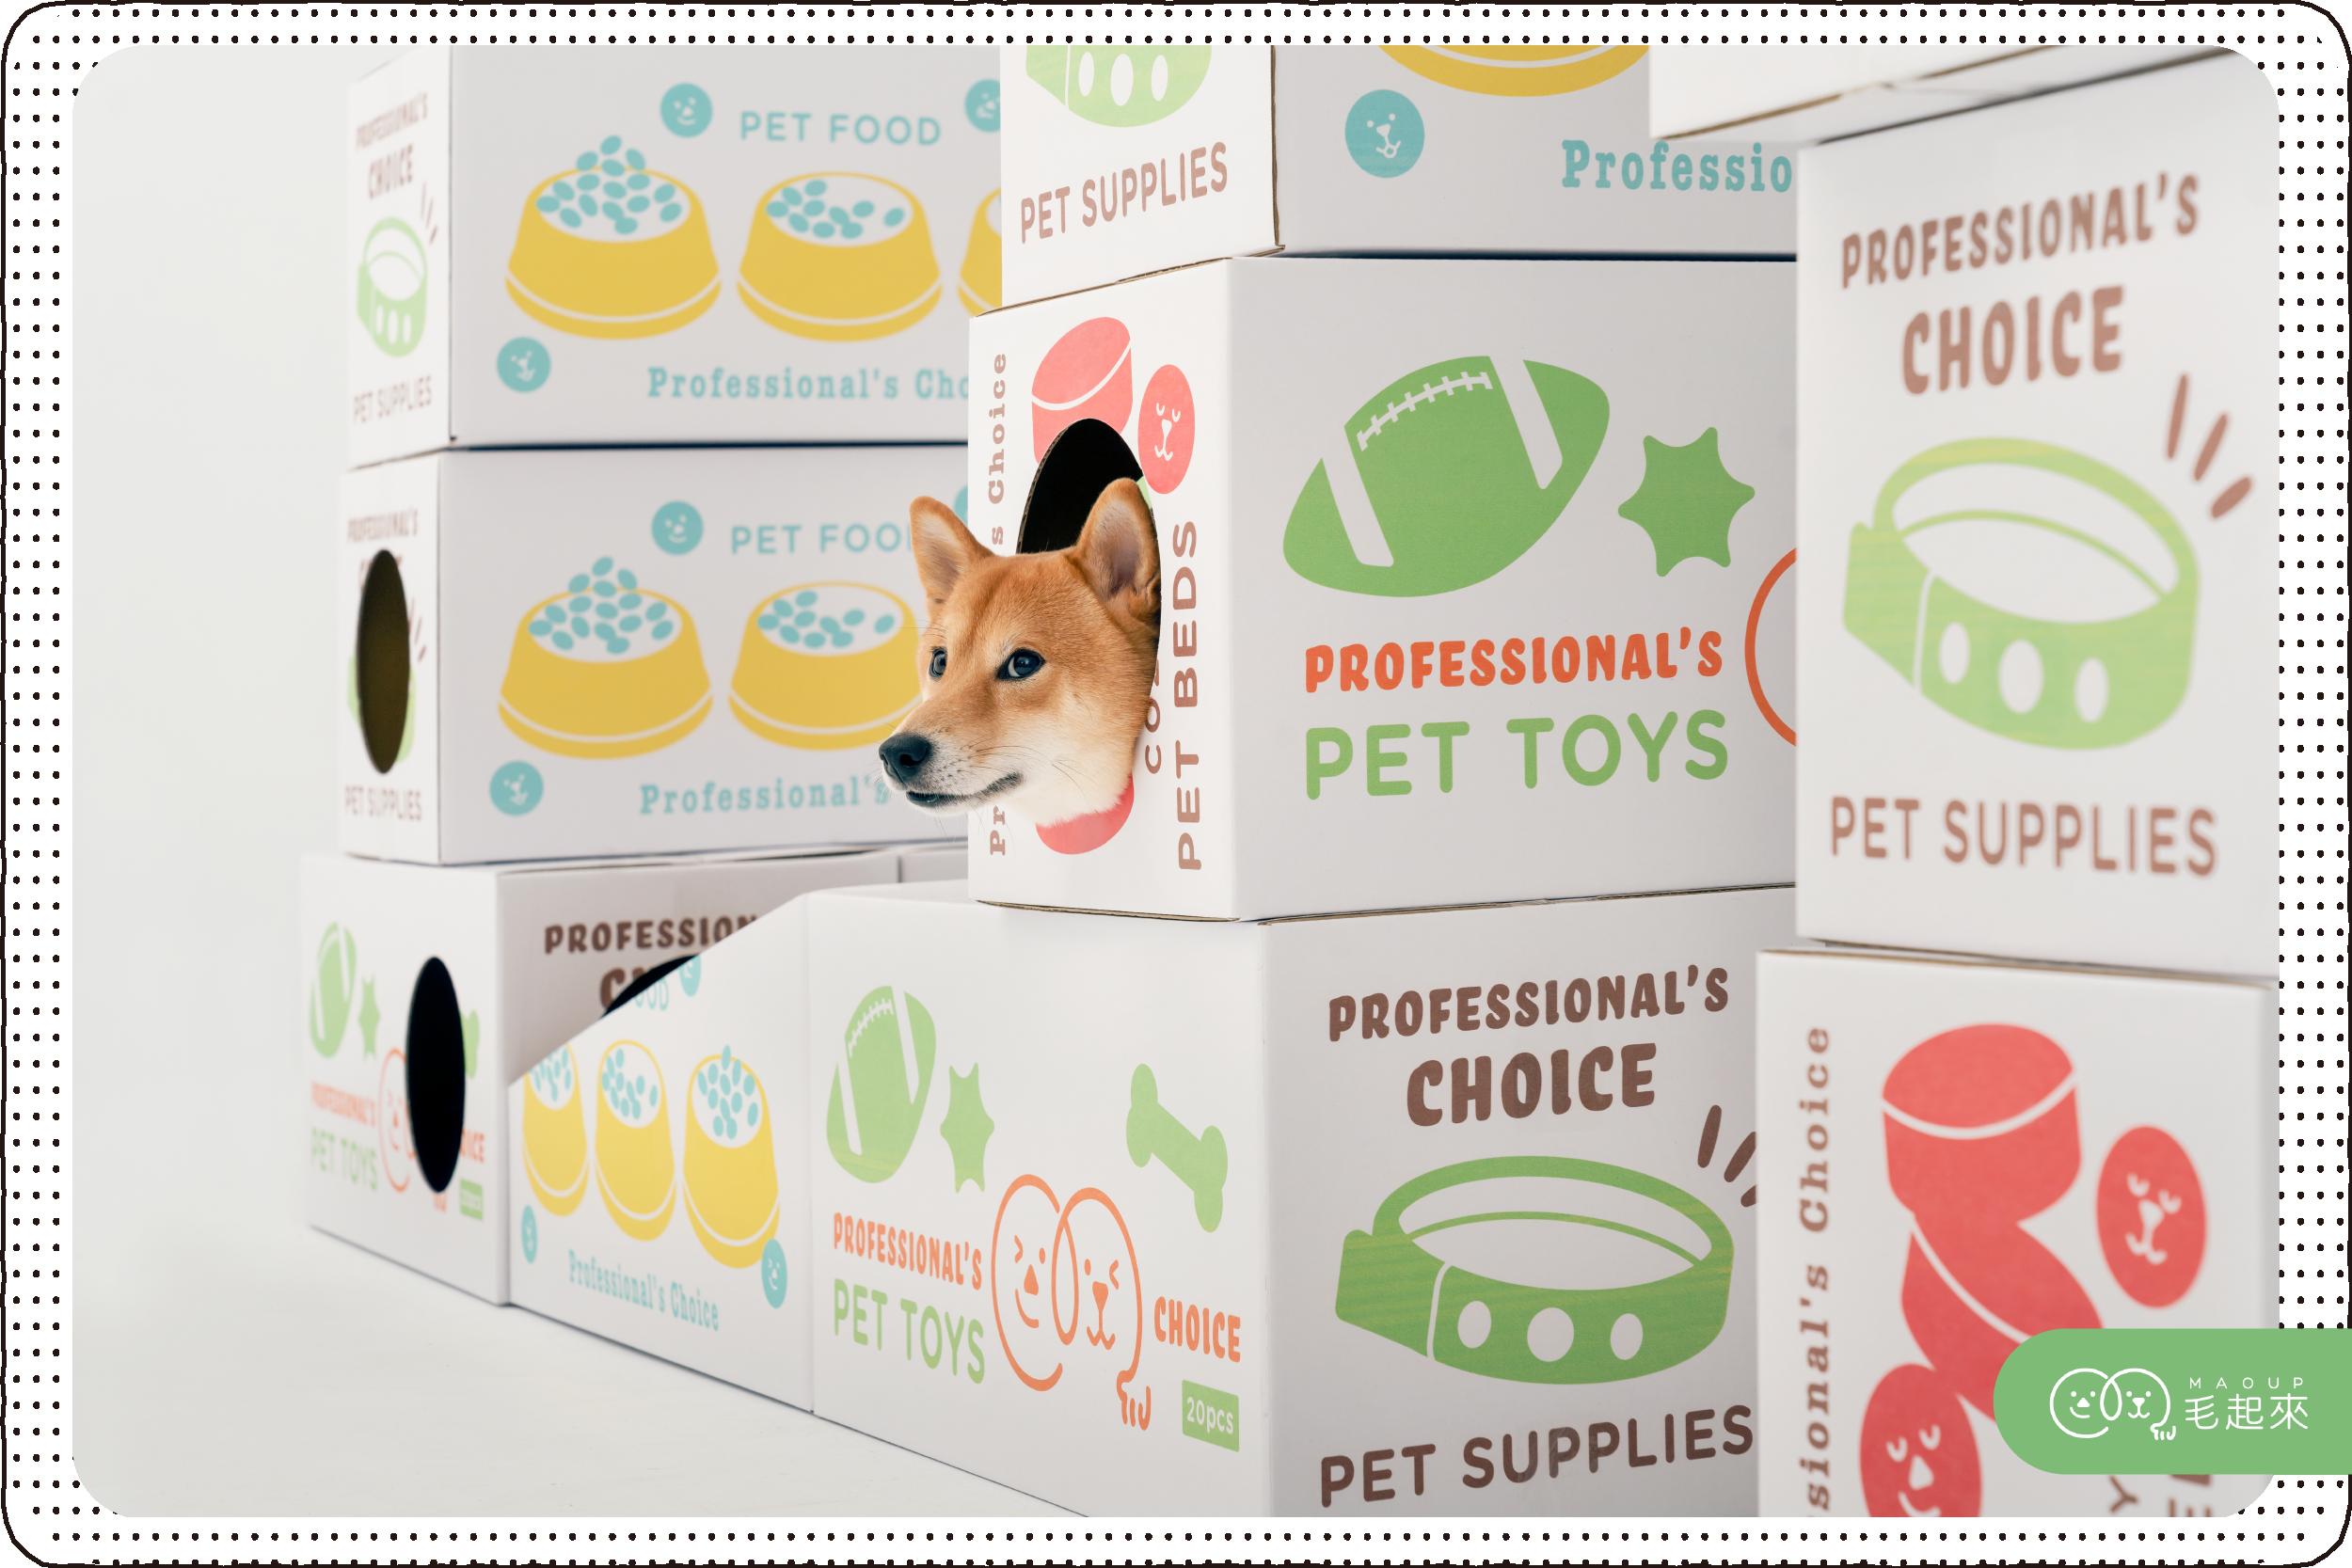 柴犬頭從寵物用品紙箱探出來